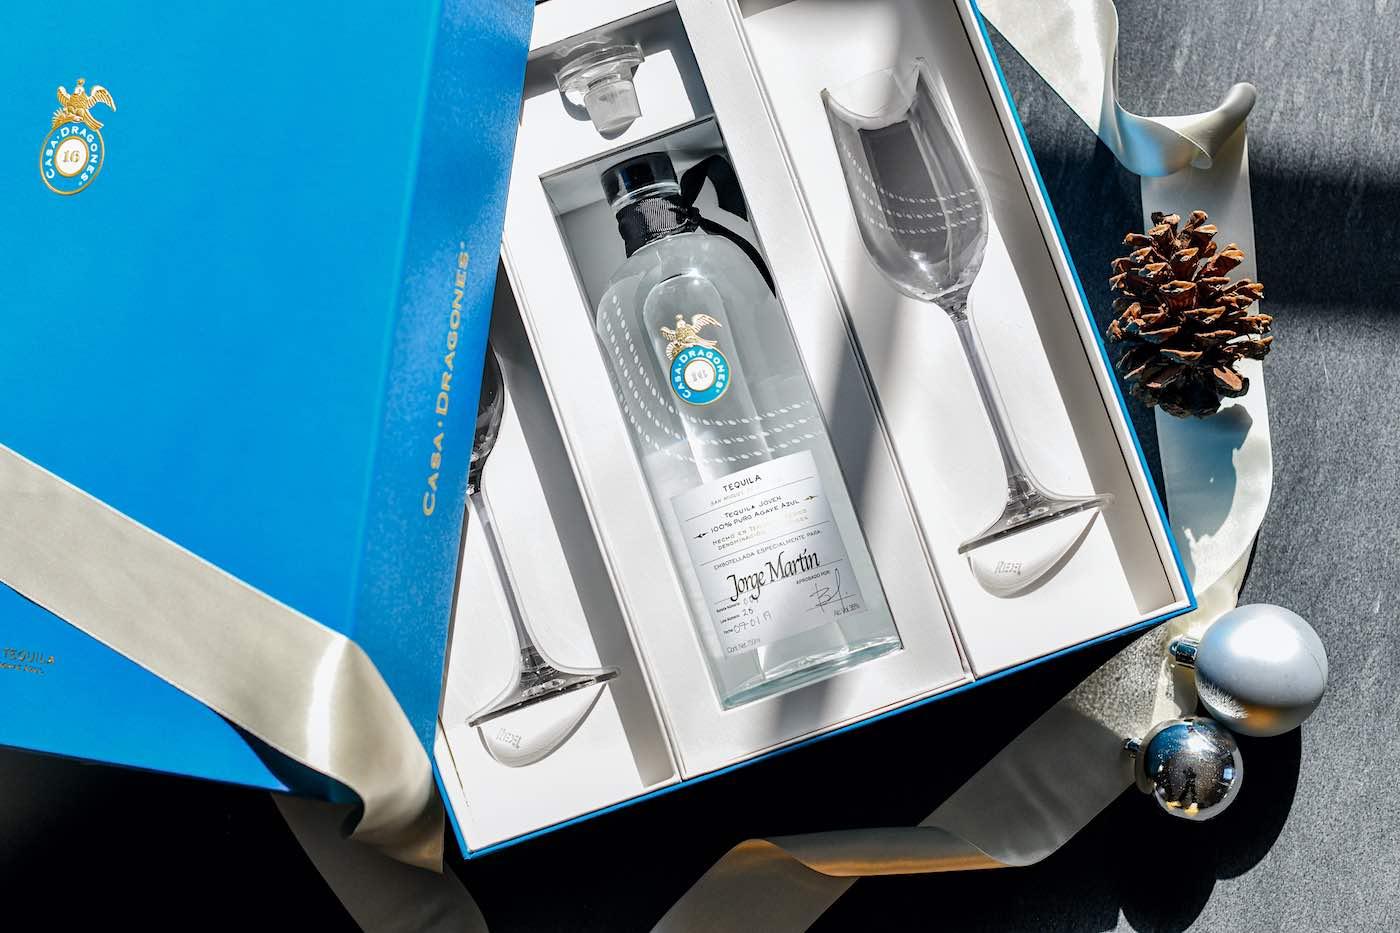 Celebra este Año Nuevo con la quinta edición del set de regalo de Tequila Casa Dragones Joven